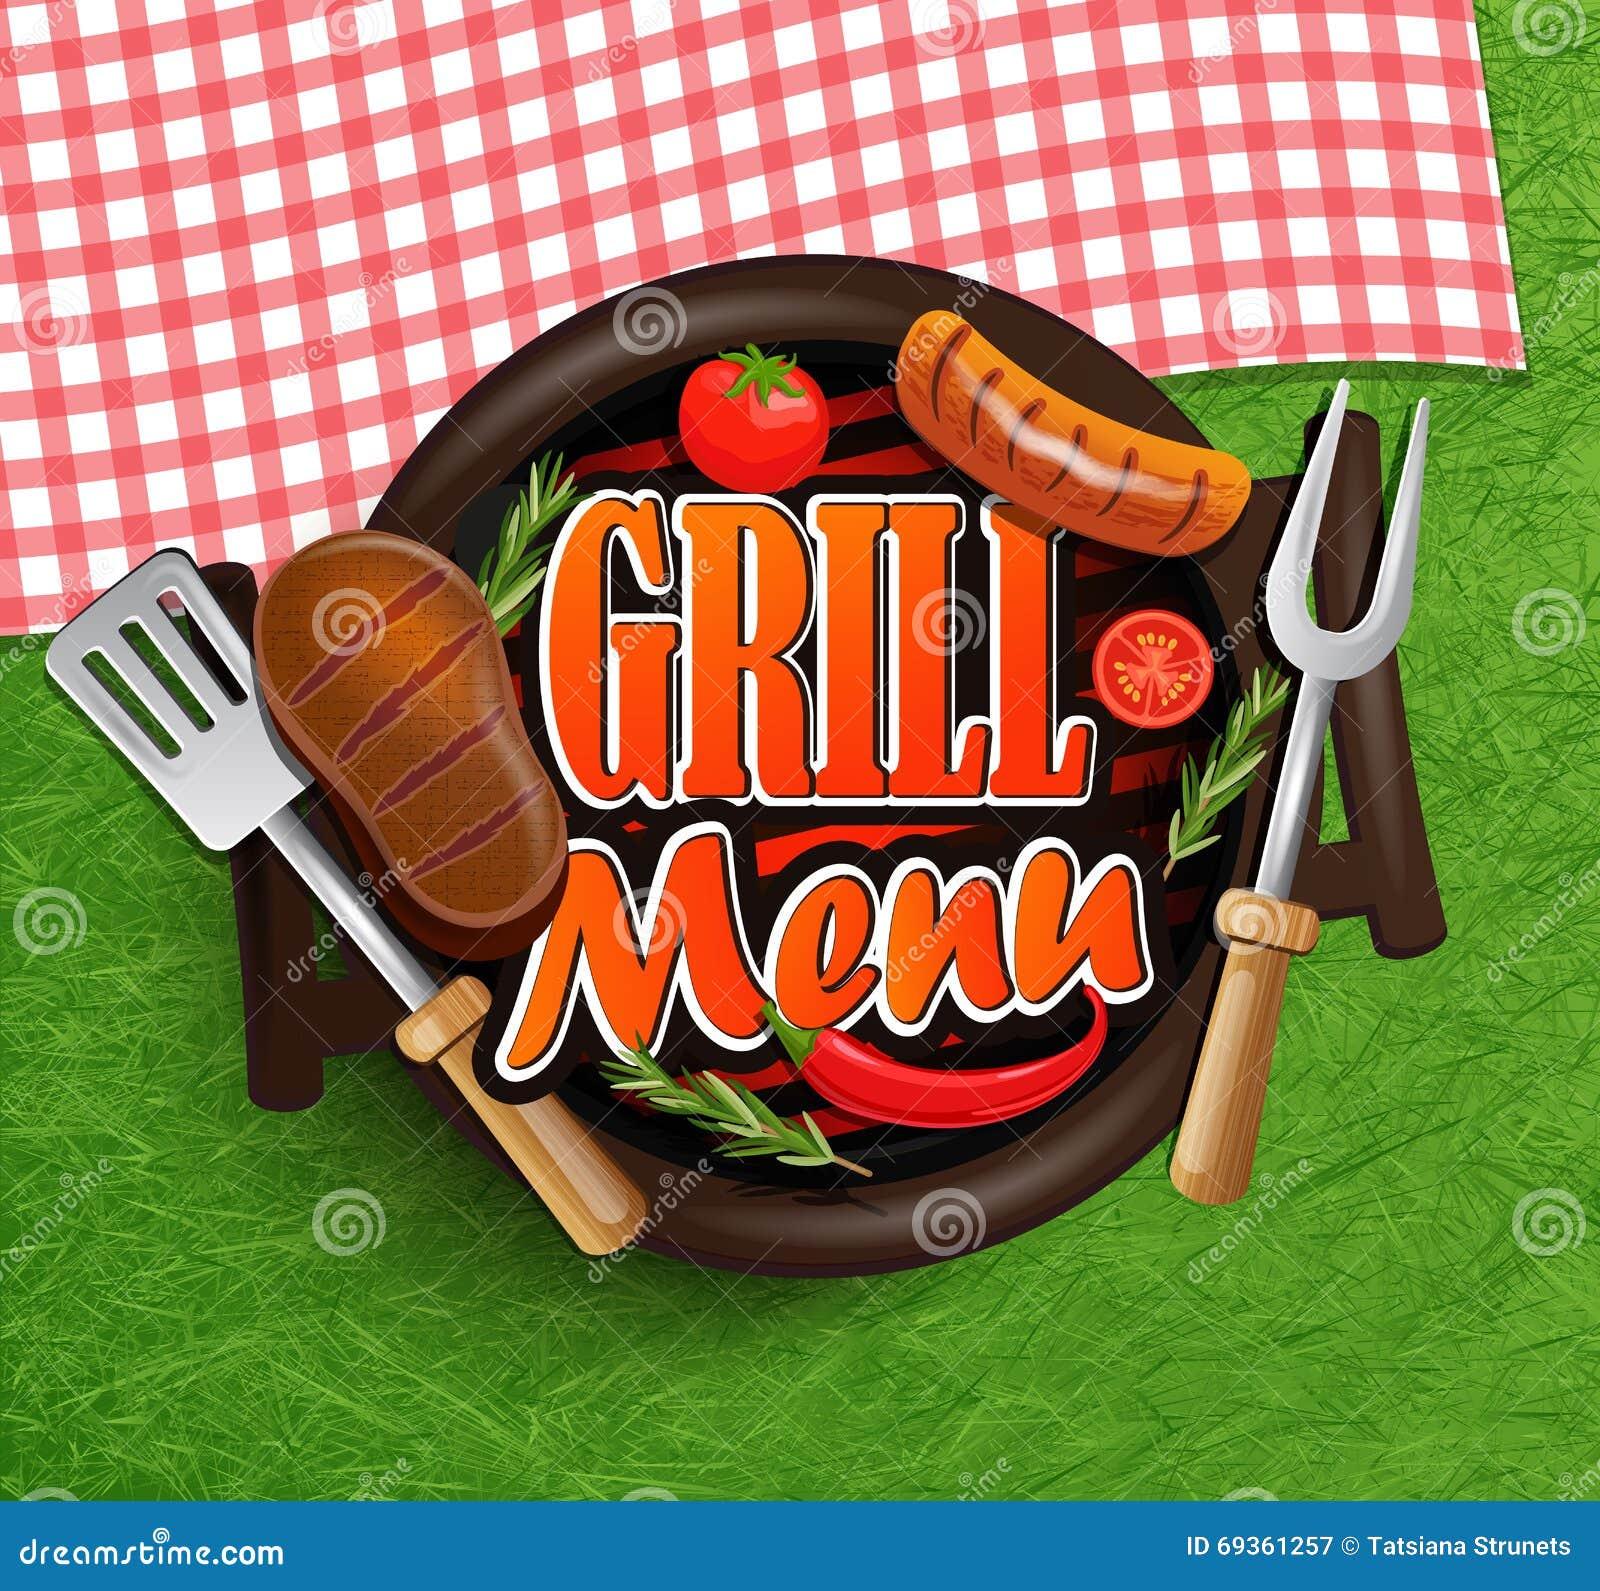 Bbq grilla menu